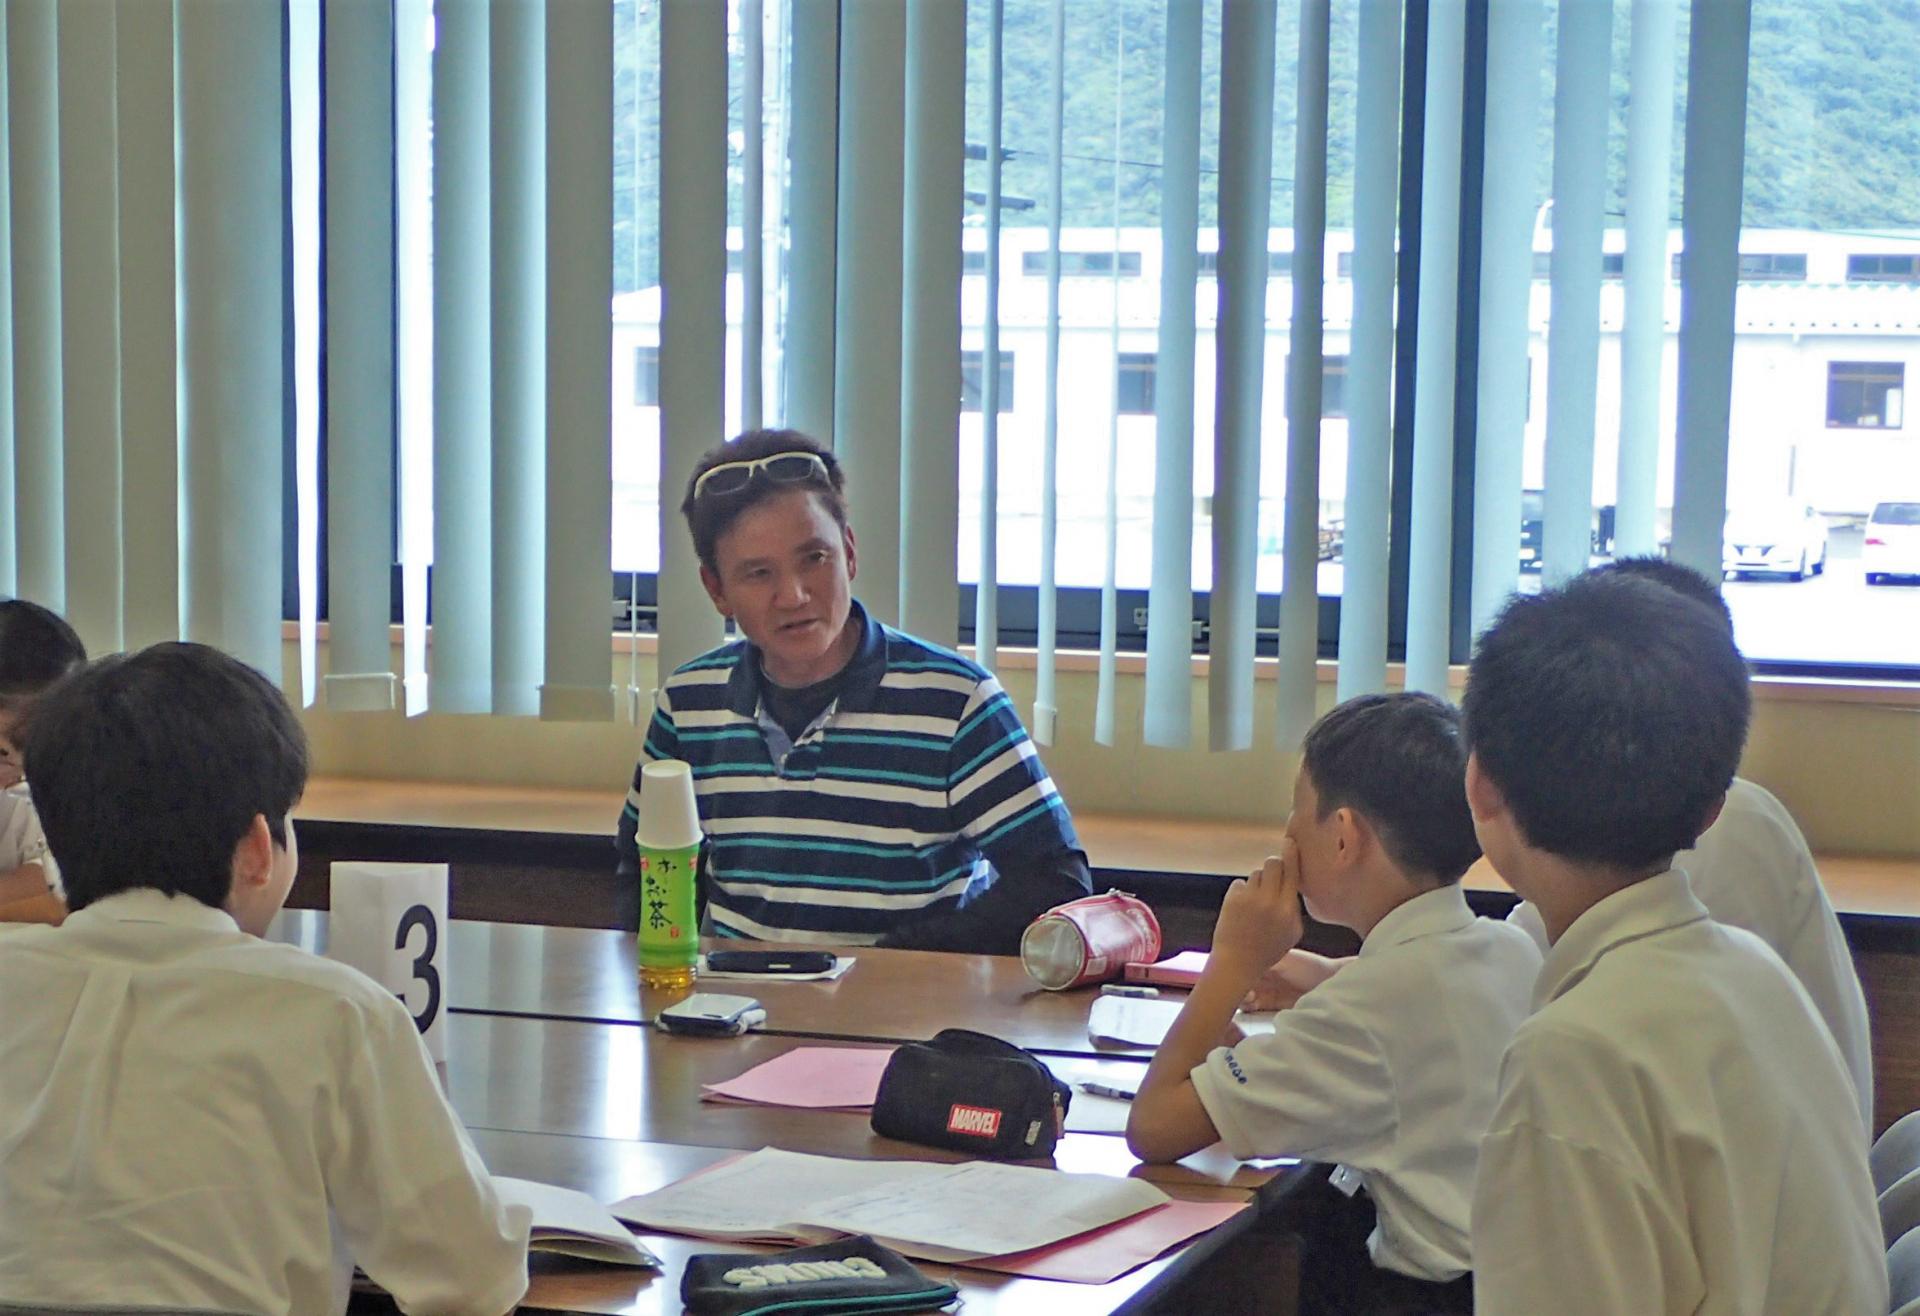 (キャプション)漁業者にインタビューする中学生。漁協と学校の地域協力にもつながる